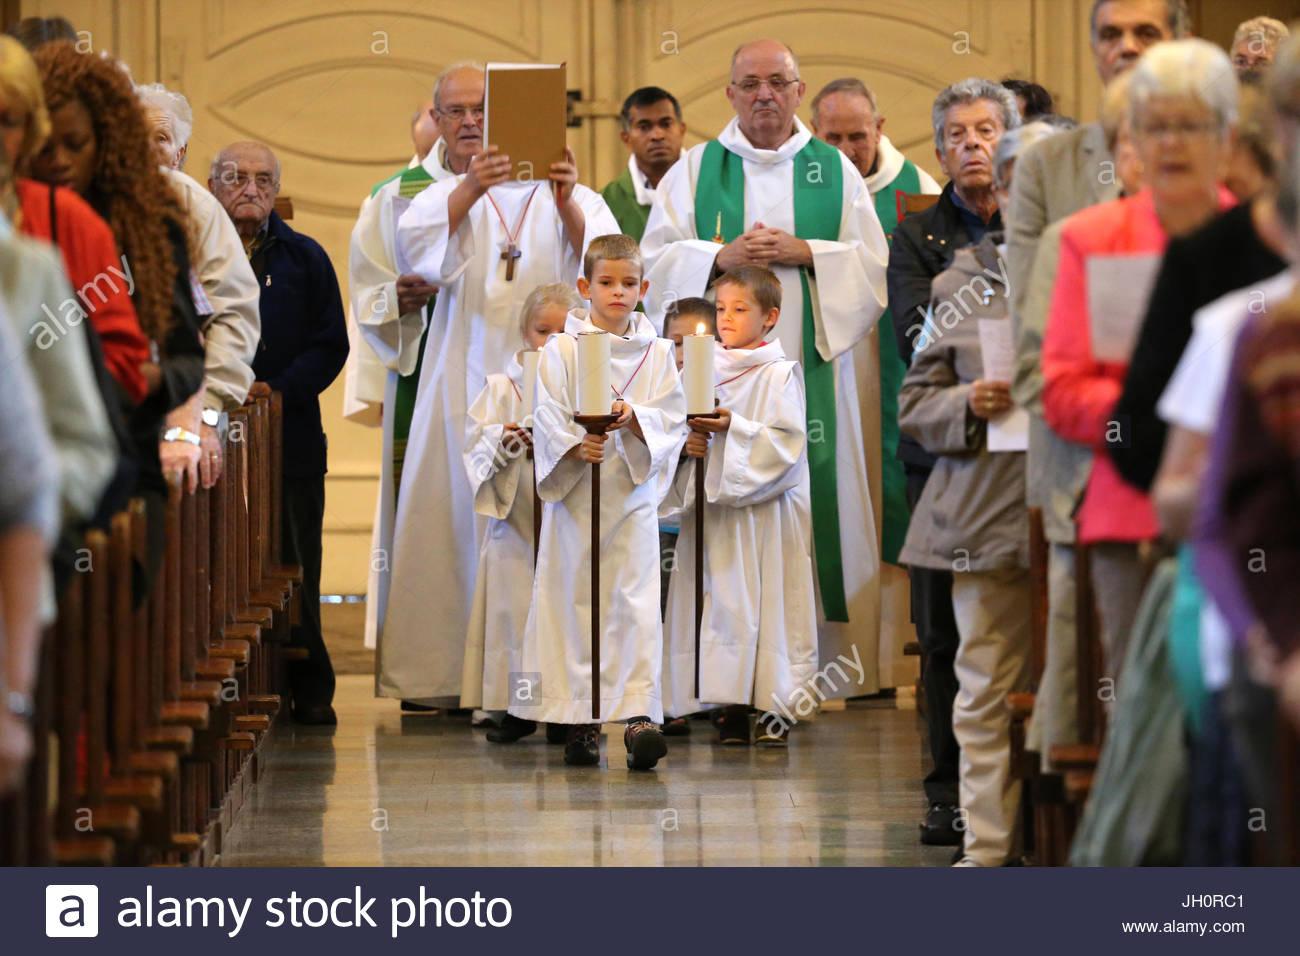 messe-catholique-procession-dentree-la-france-jh0rc1.jpg